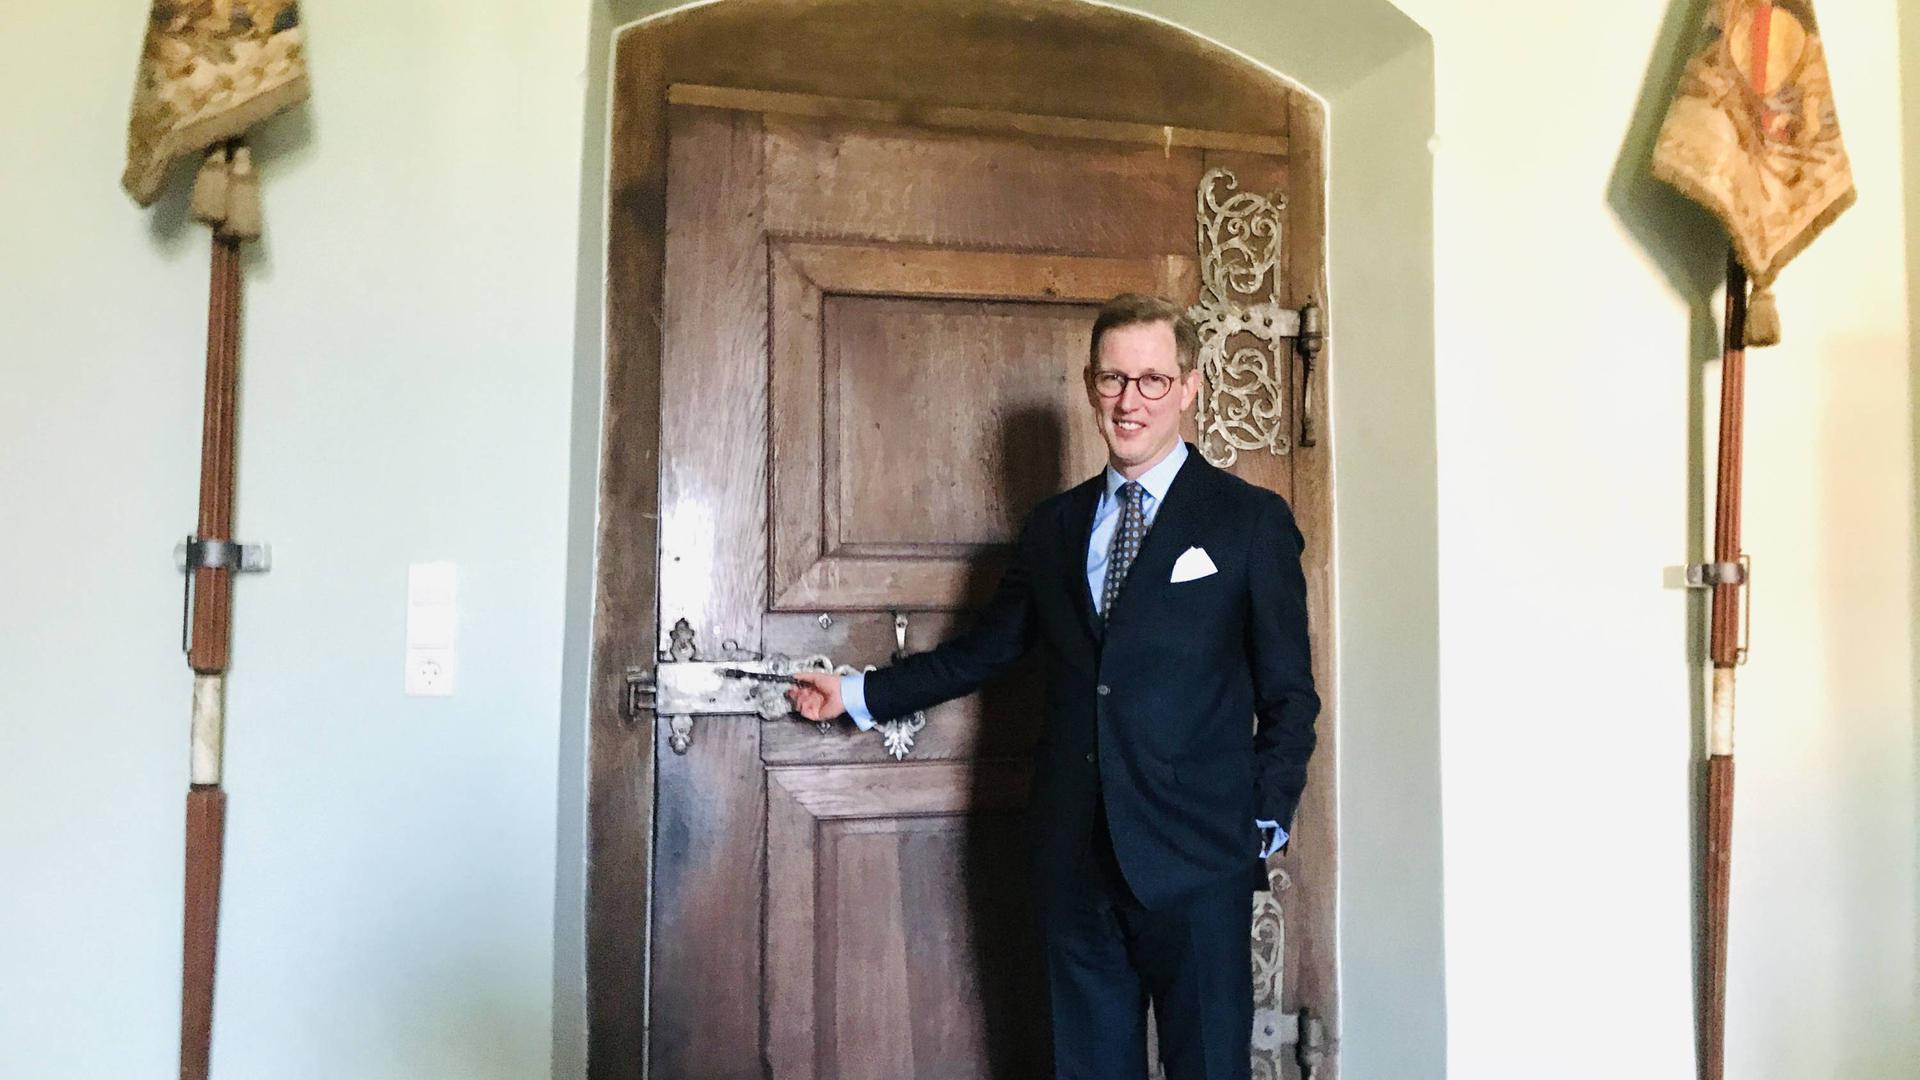 Bernhard Prinz von Baden empfängt den BNN-Besuch in der Markgräflich Badischen Verwaltung in Schloss Salem.